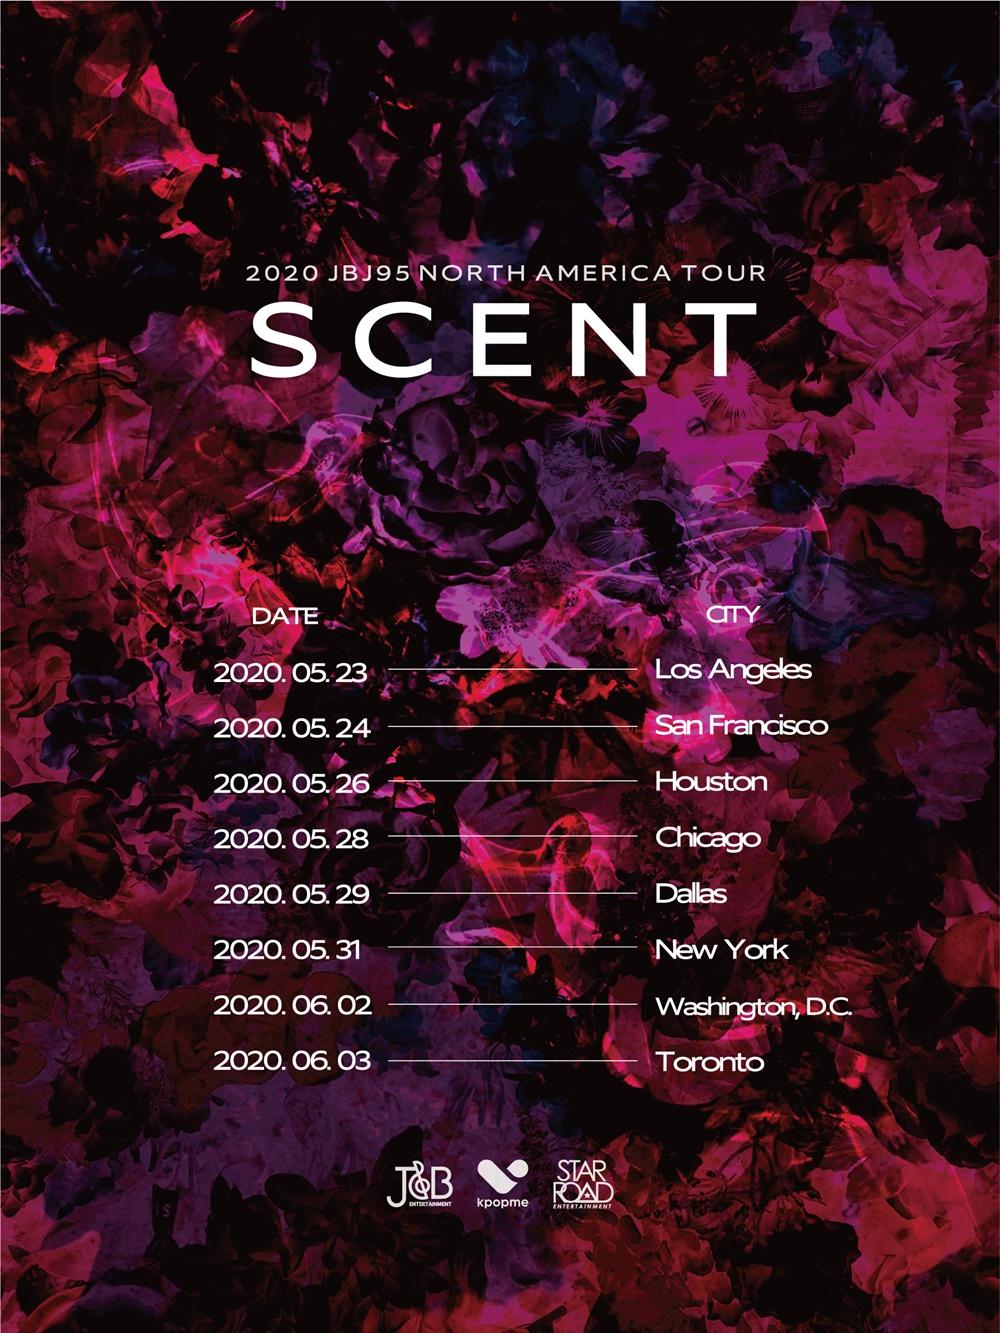 '글로벌 K-POP 듀오' JBJ95, 첫 단독 북미 투어 'SCENT' 개최…5월부터...